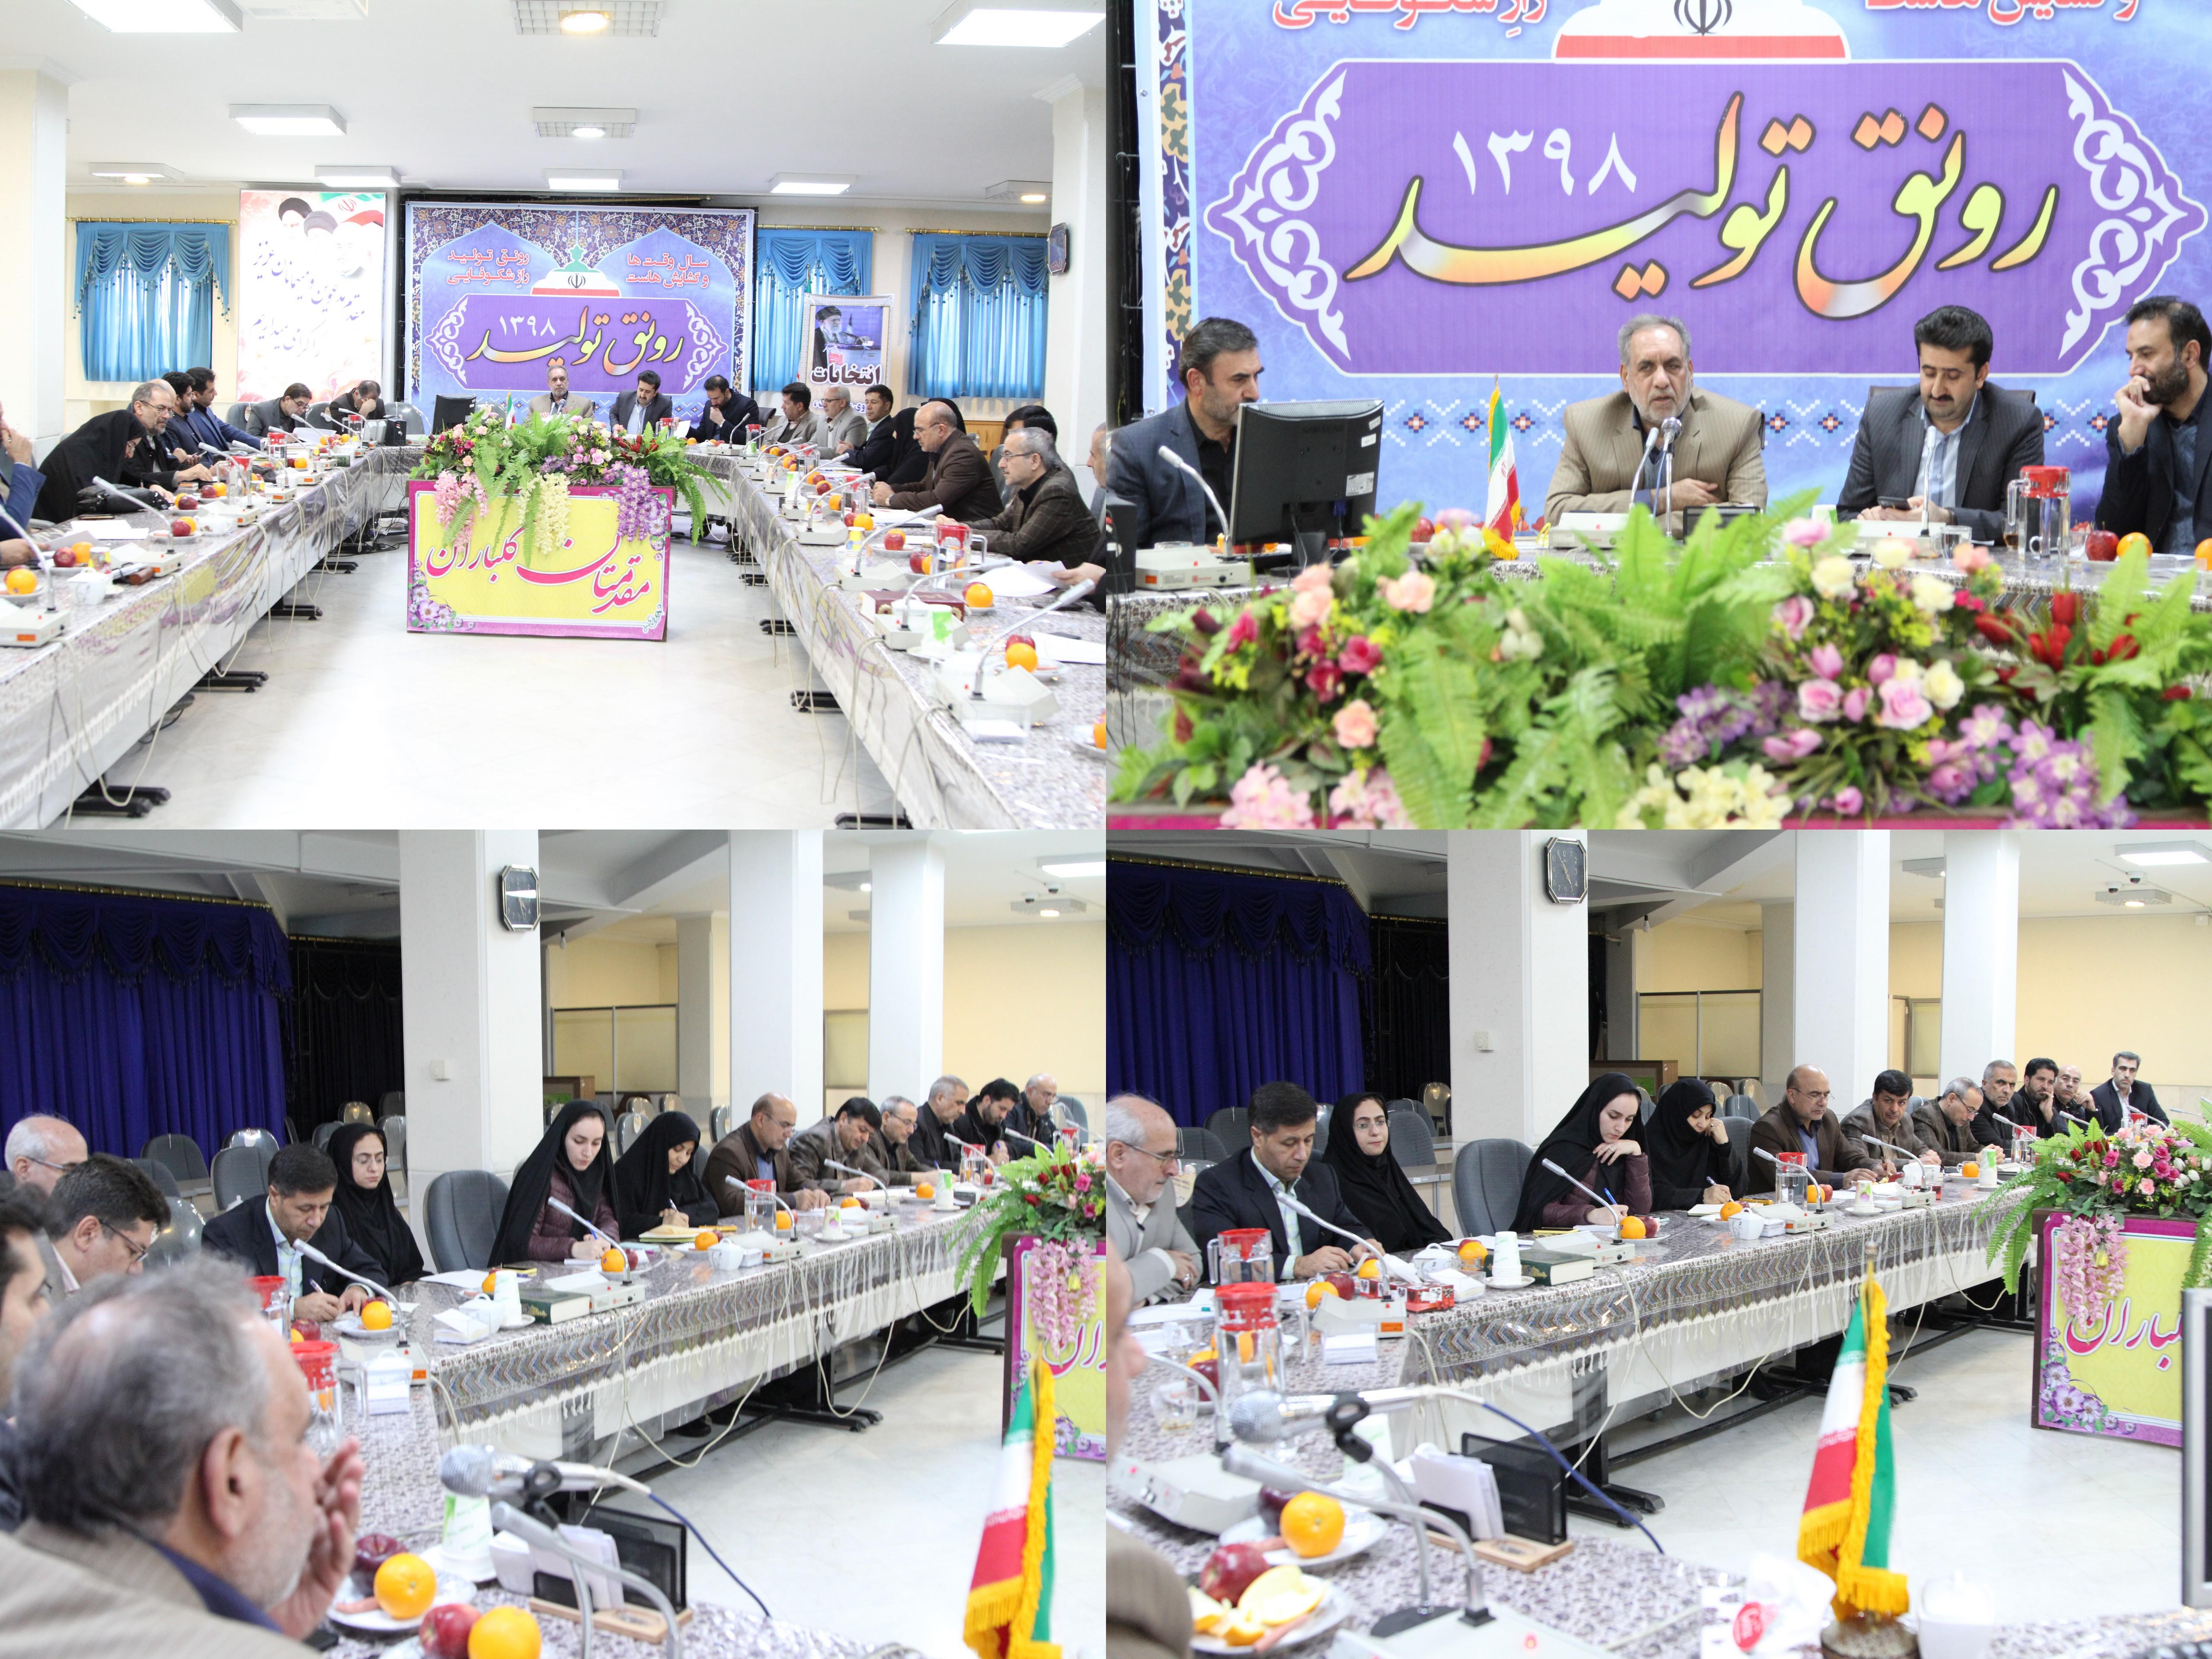 تصویر فرماندار اصفهان تأکید کرد: نمایندگان فرماندار در شعب اخذ رأی باید قوانین و مقررات را با دقت و جدیت رعایت کنند